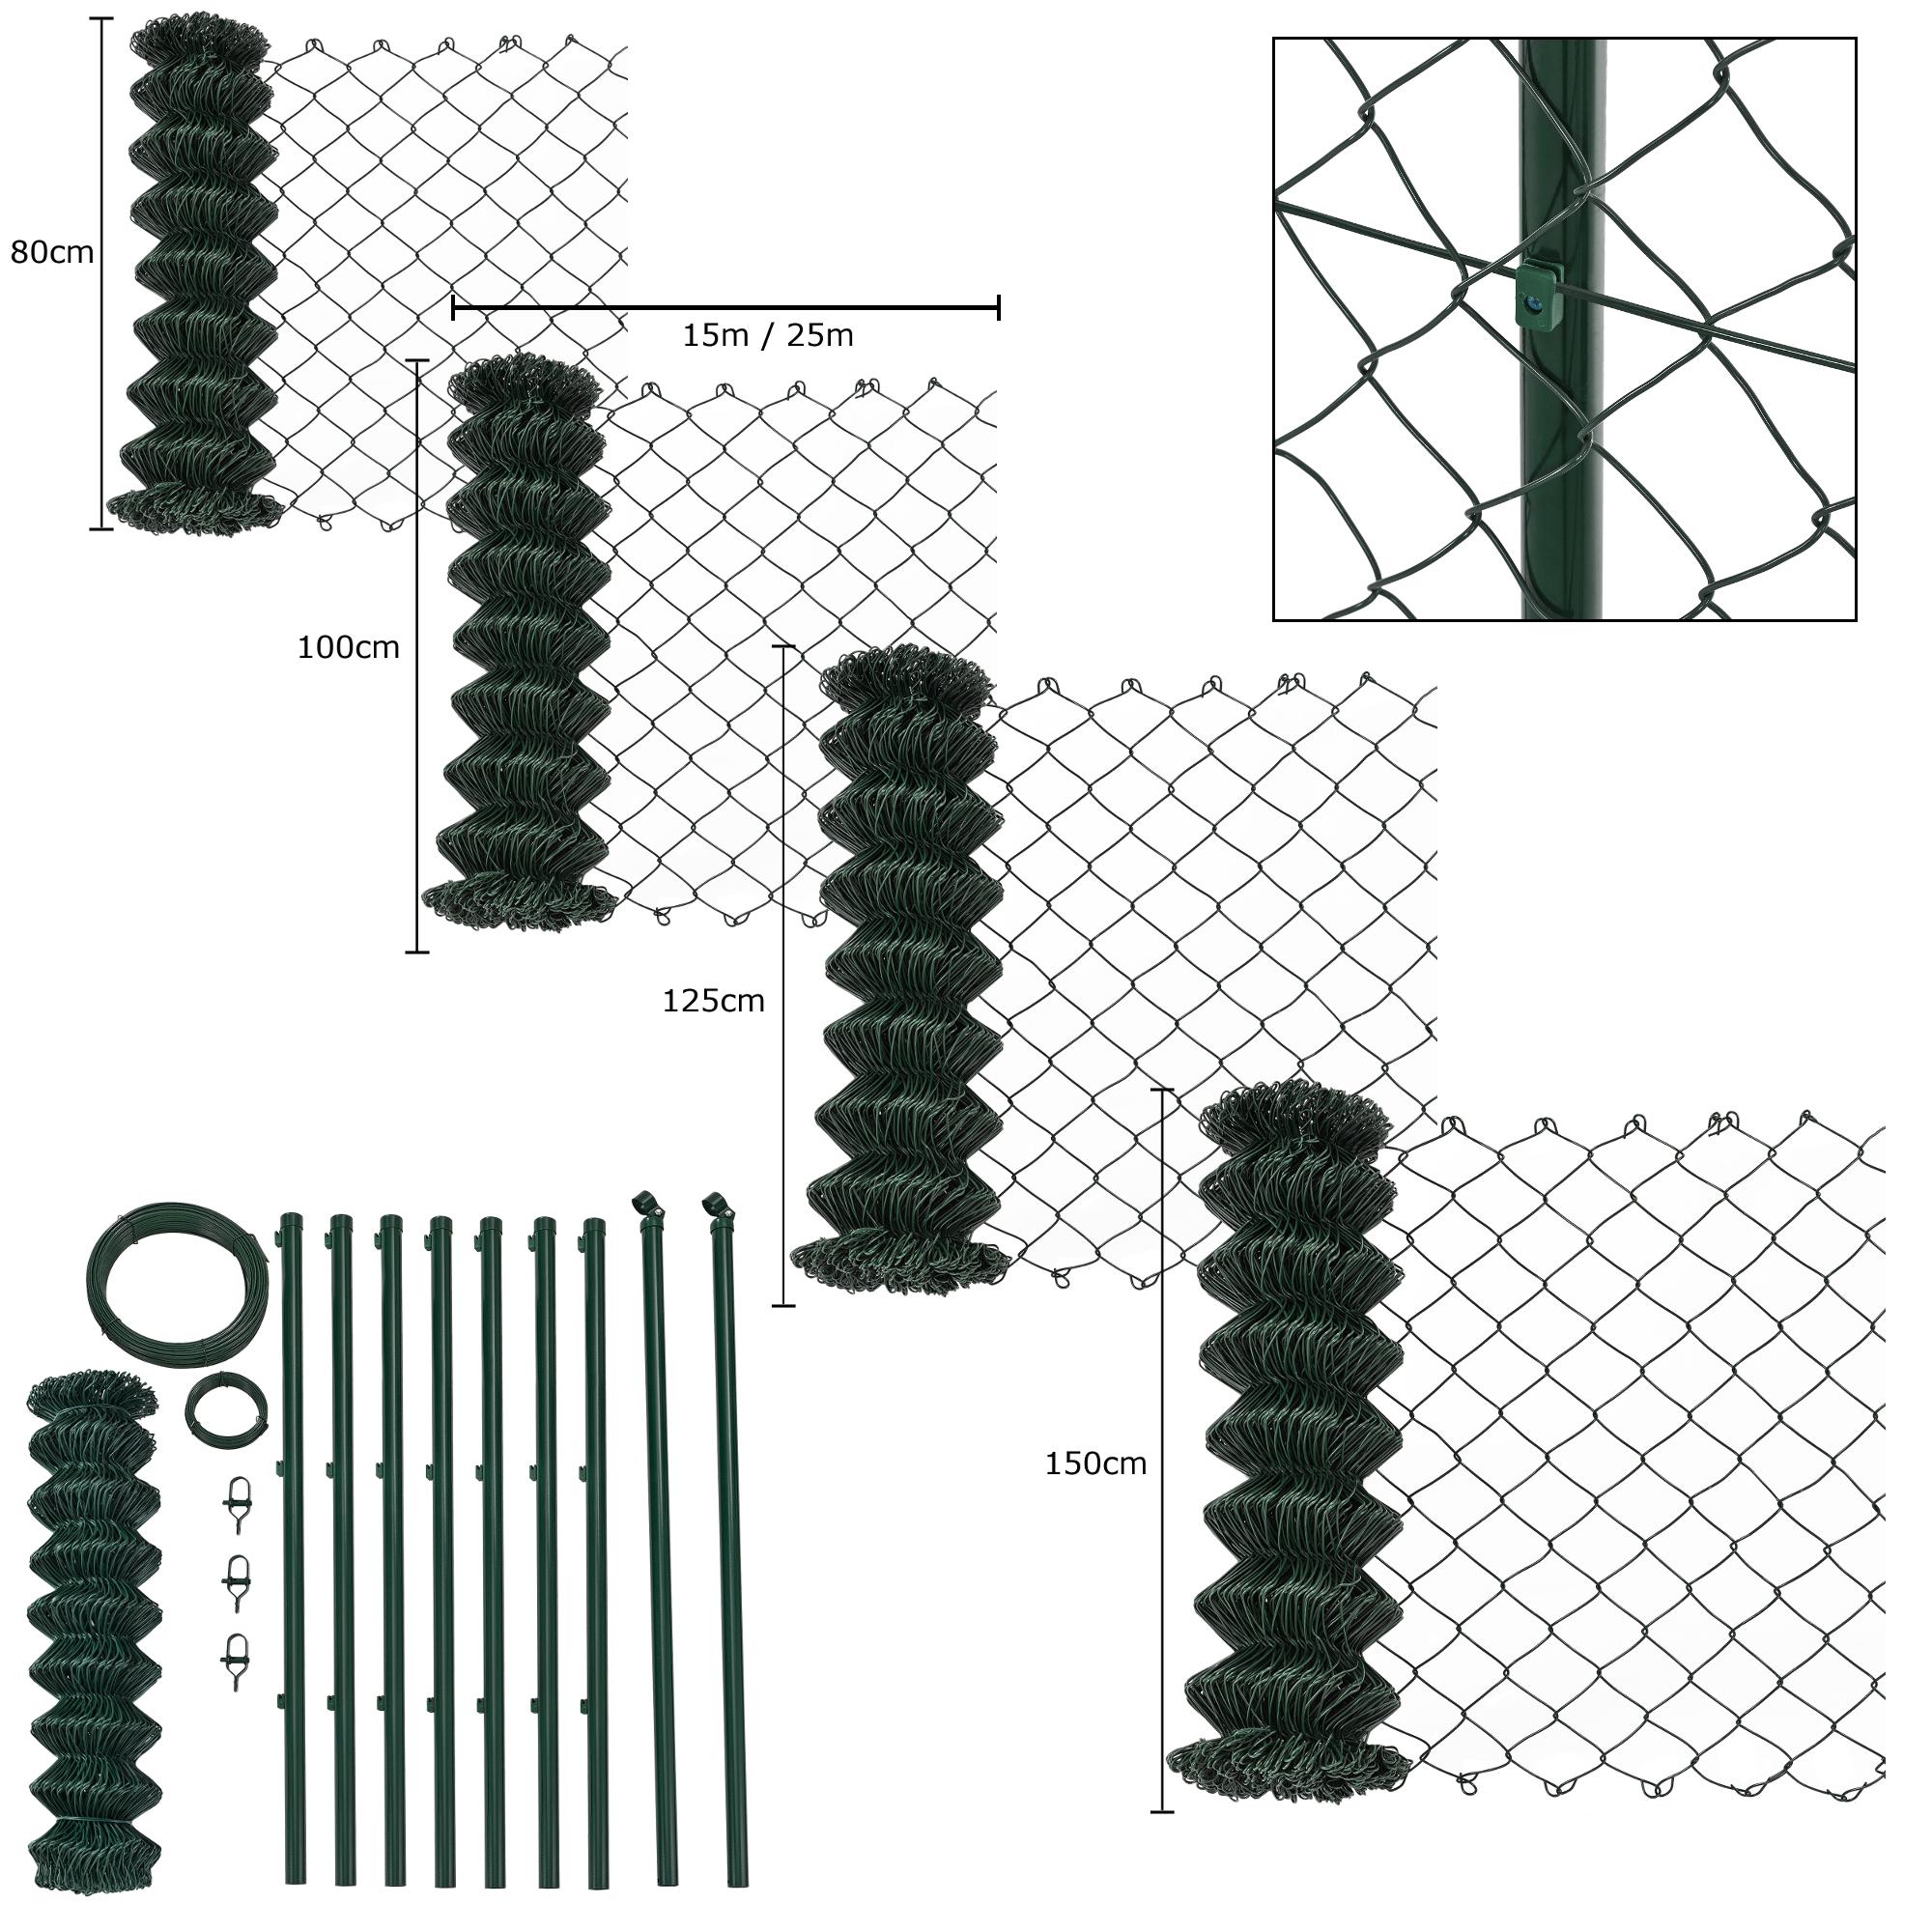 maschendrahtzaun set maschendraht gartenzaun zaun zaunset drahtzaun ebay. Black Bedroom Furniture Sets. Home Design Ideas